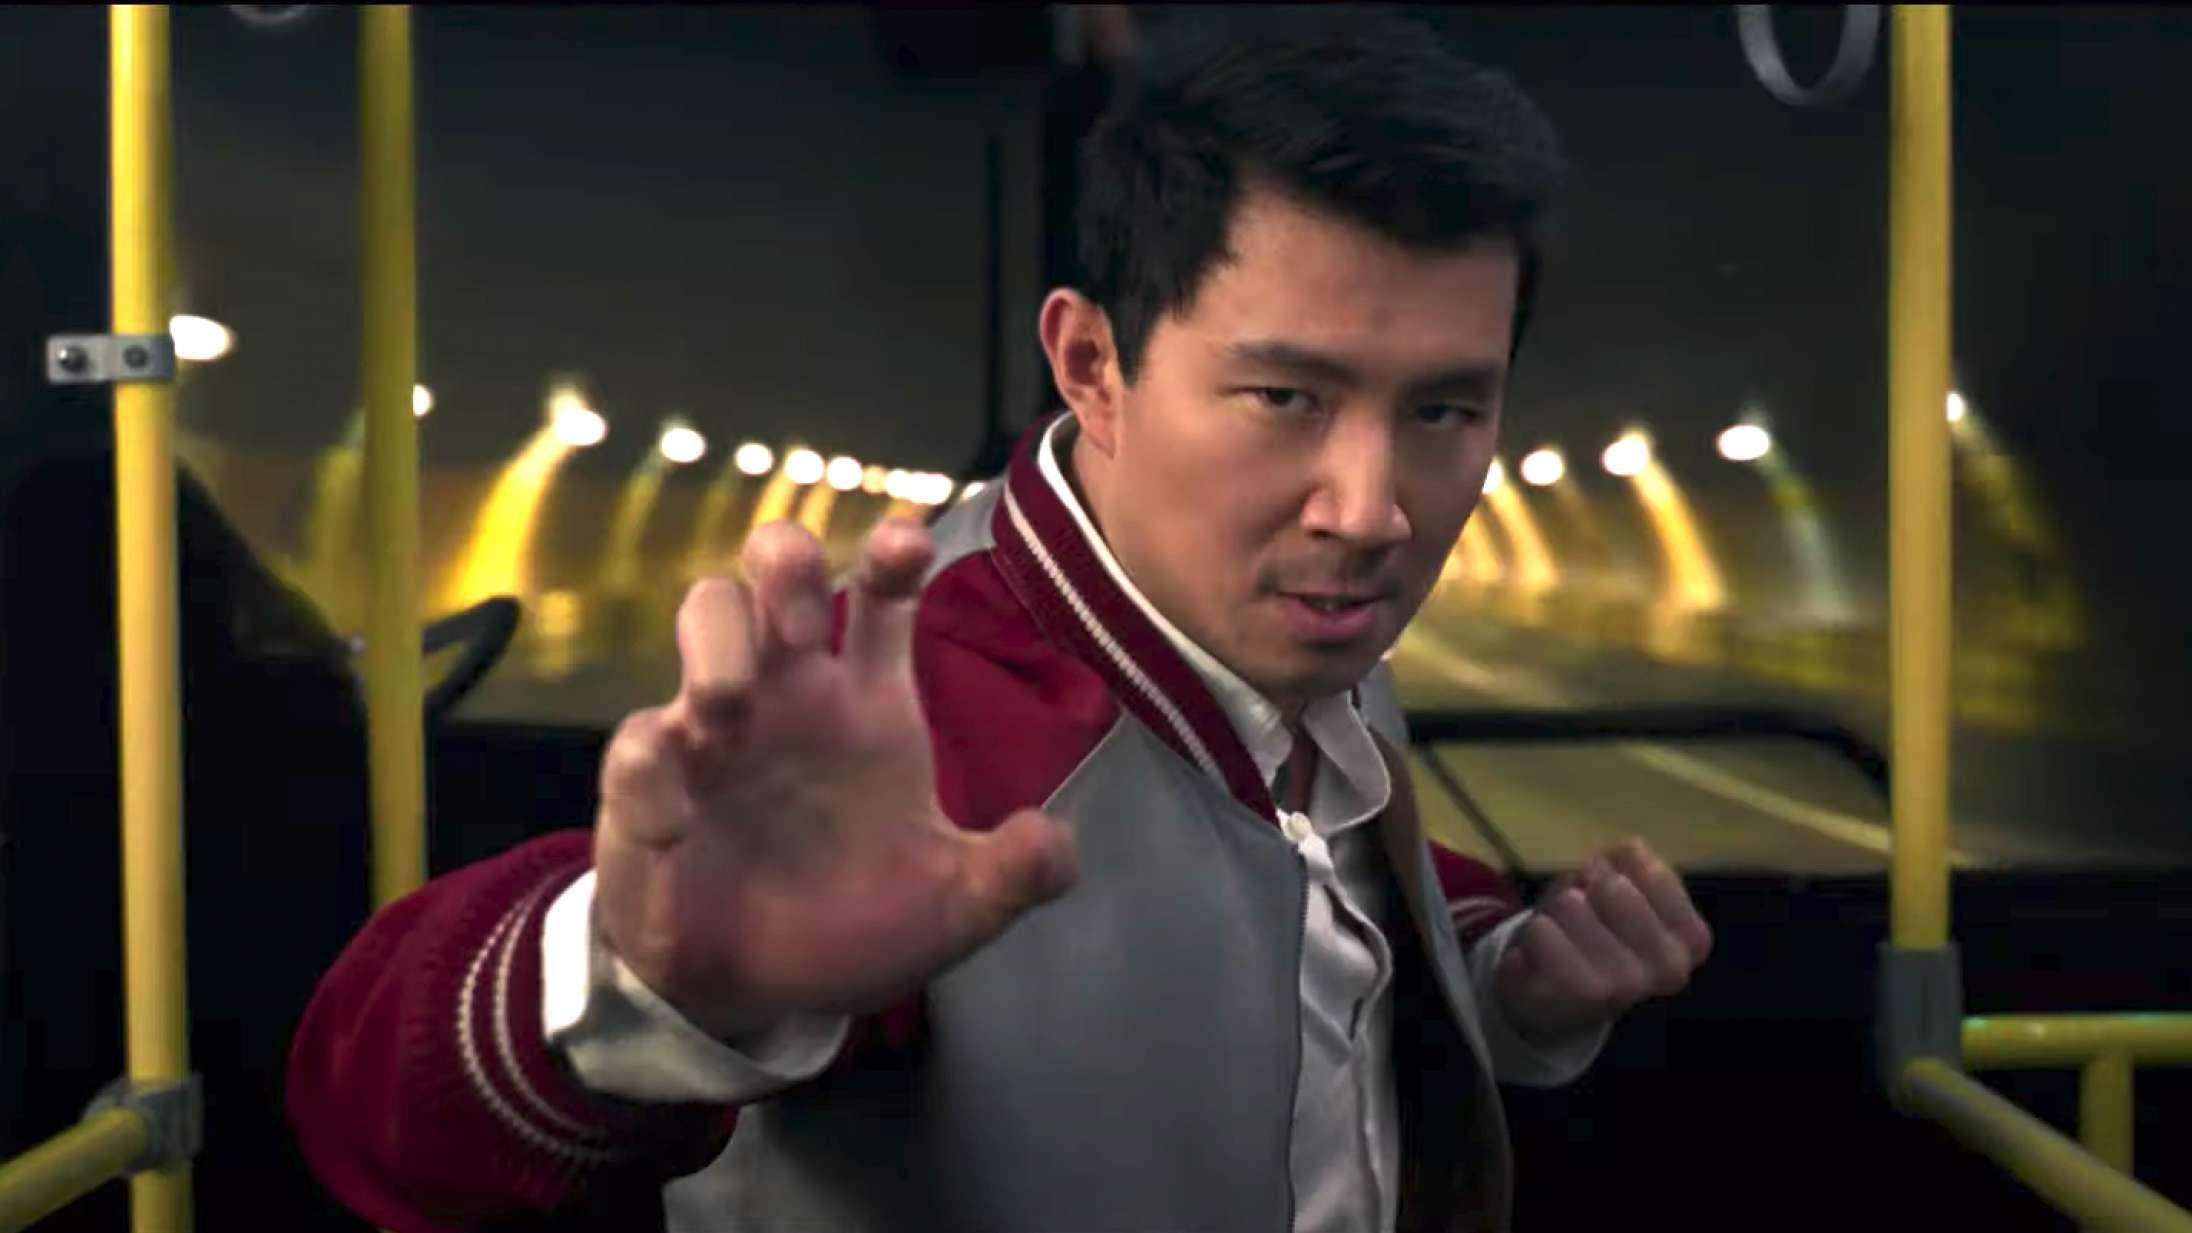 Se første actionfyldte trailer til Marvel-filmen 'Shang-Chi and the Legend of the Ten Rings'